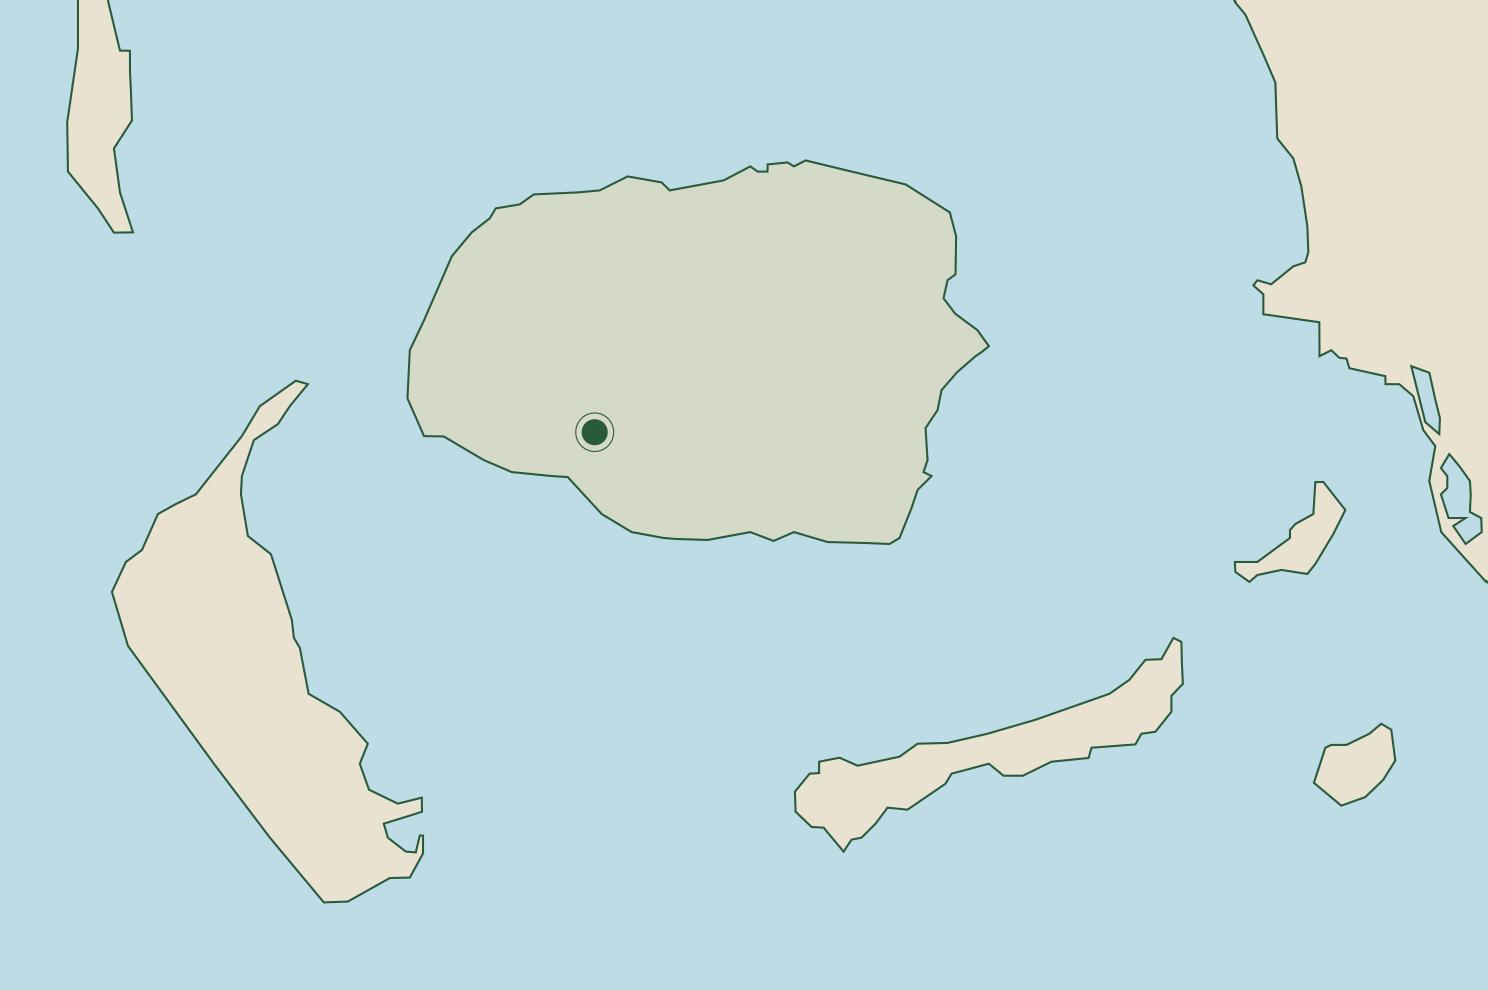 Föhr Karte